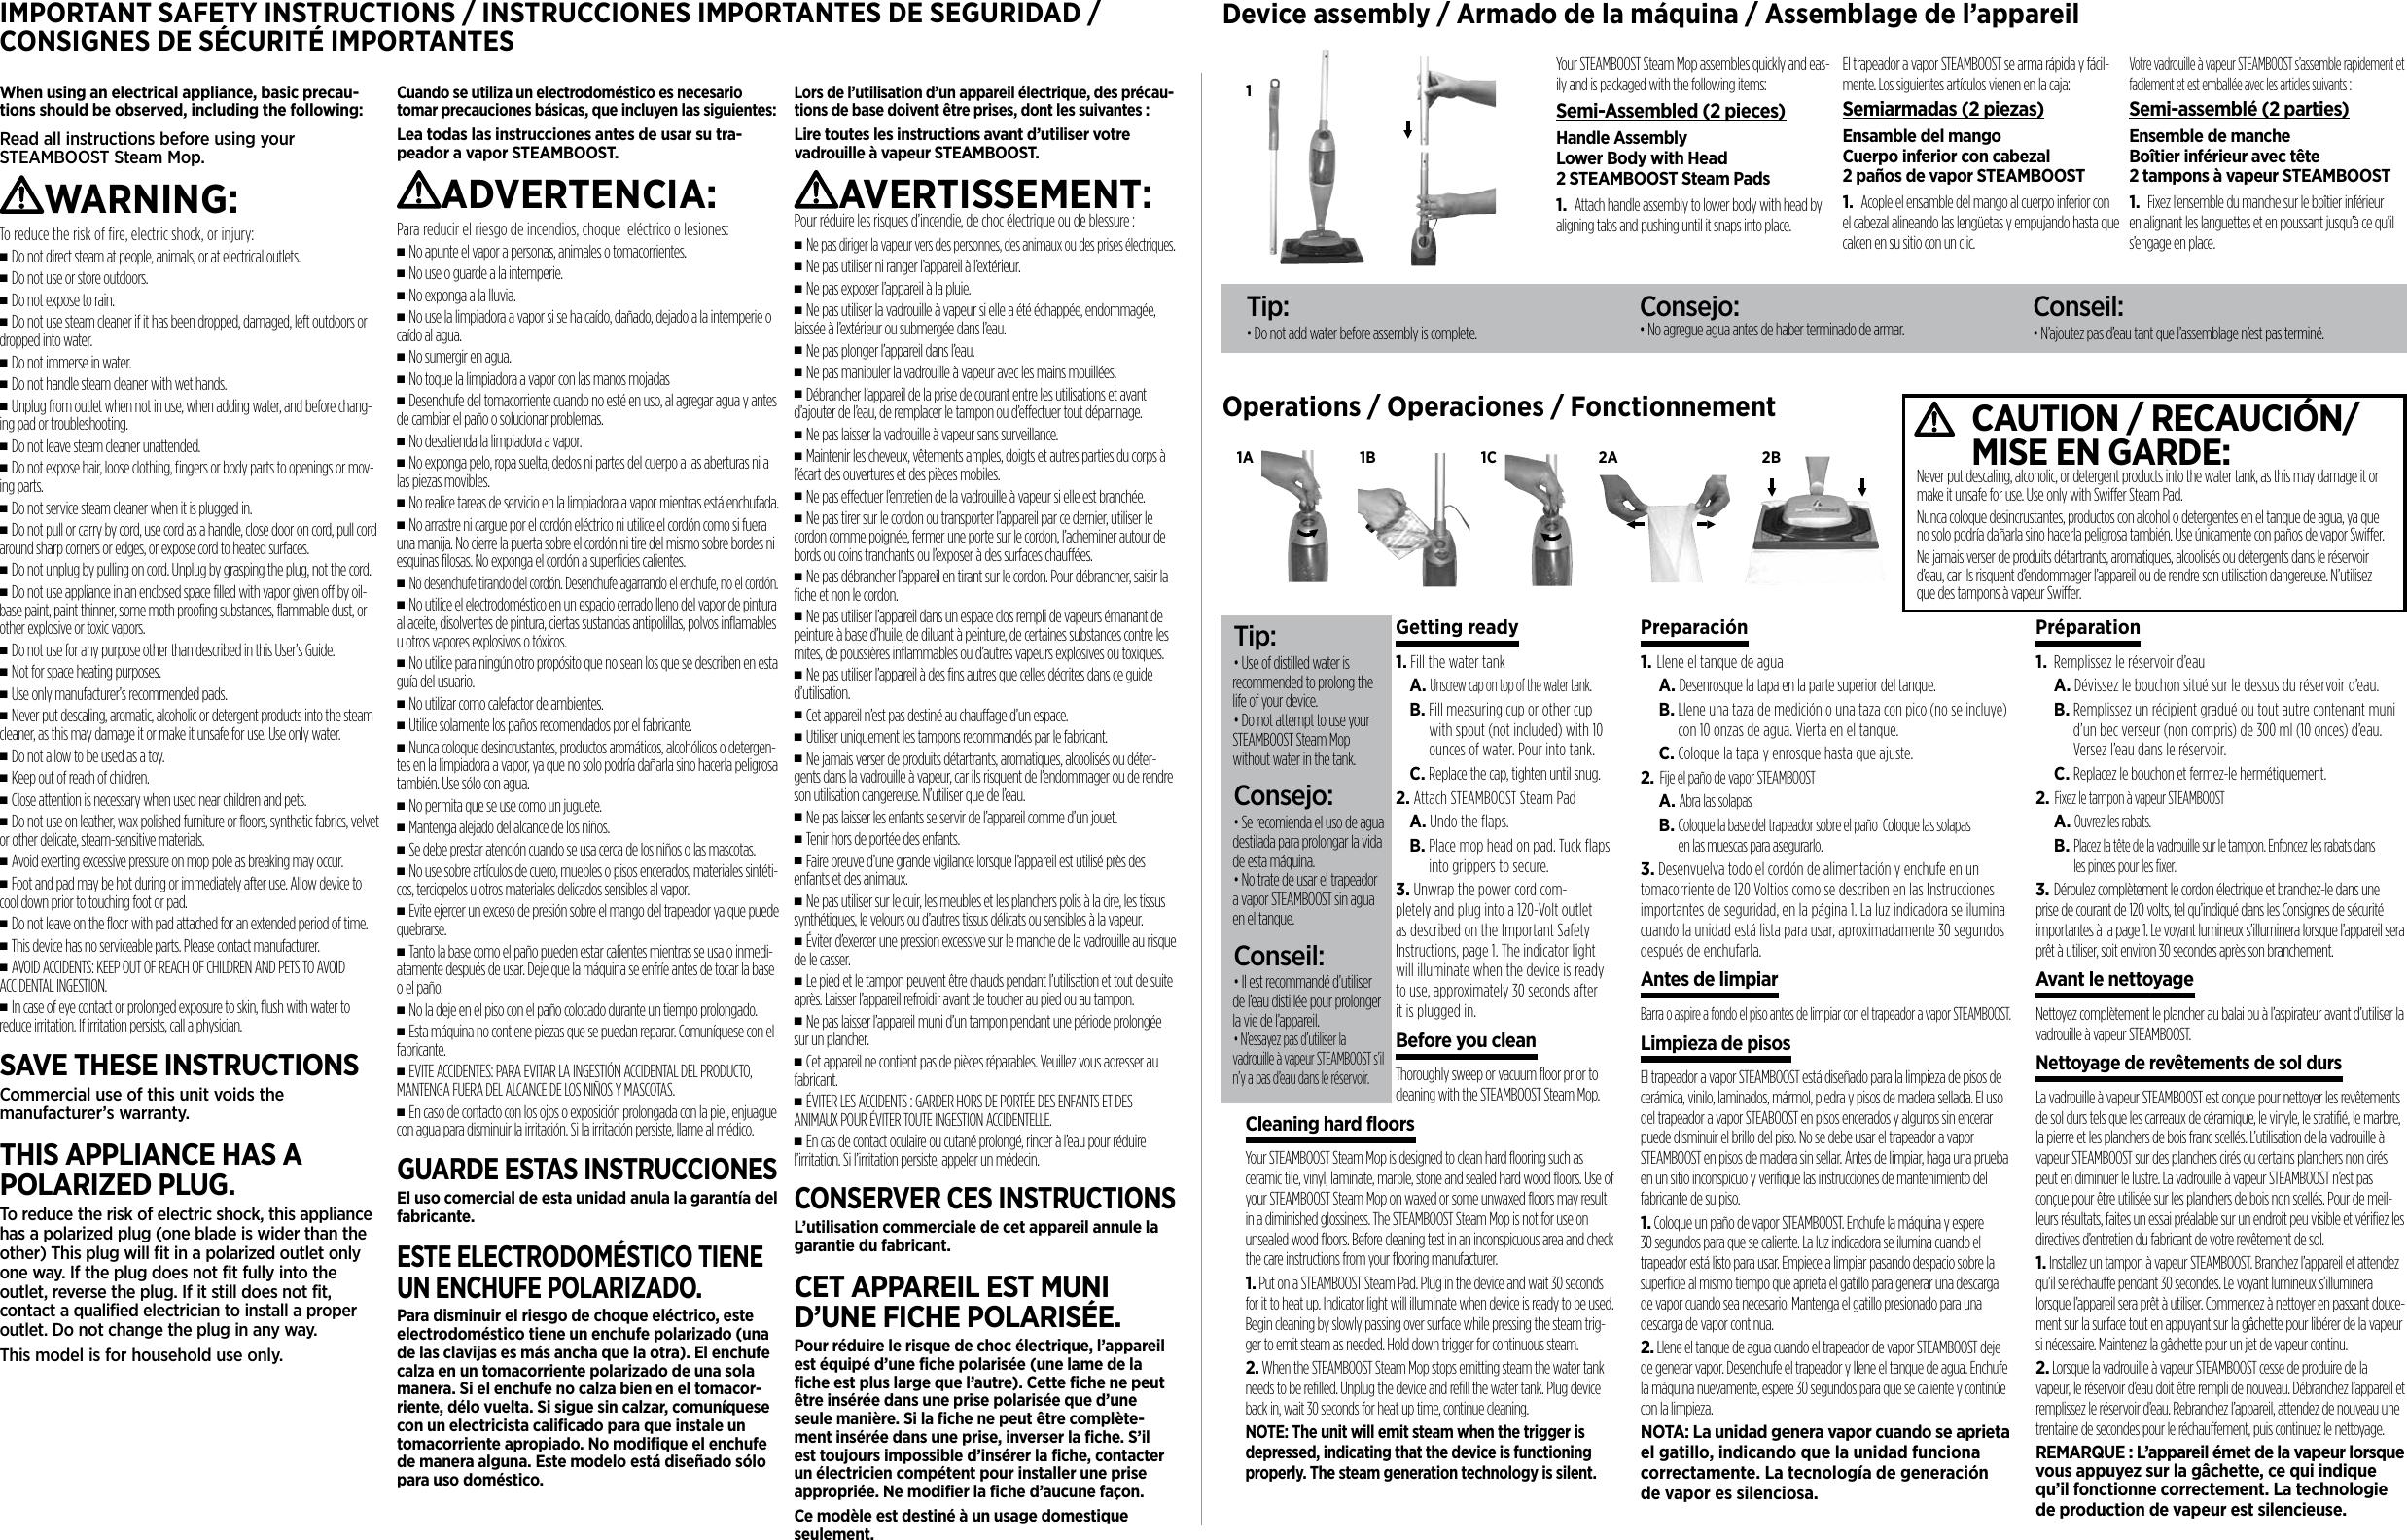 monster steam booster user manual